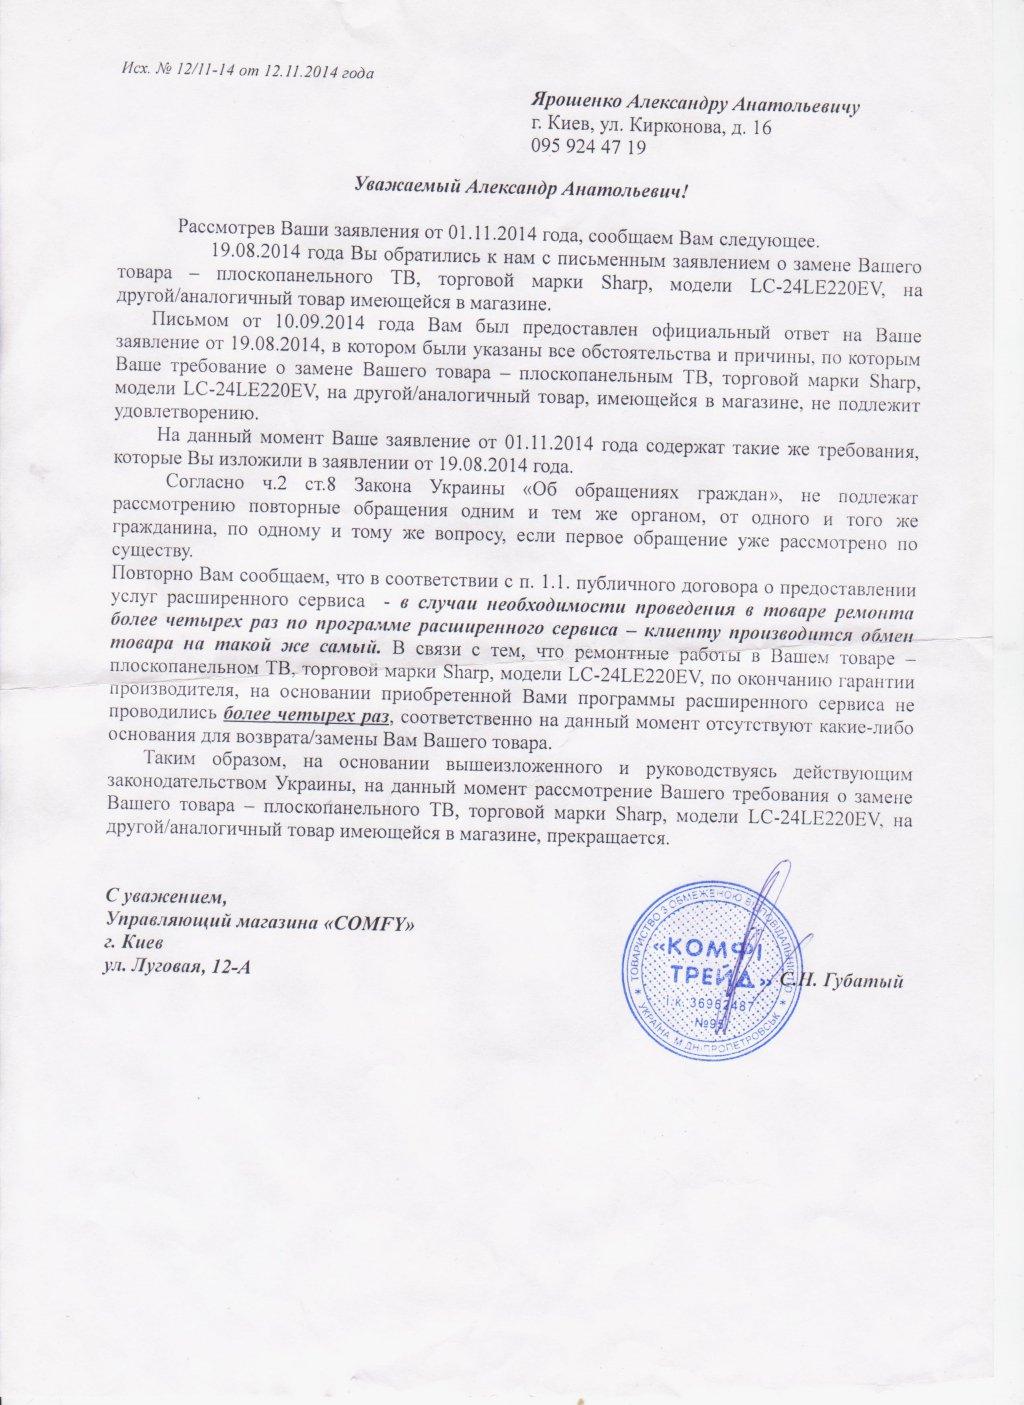 COMFY - Не выполняют свои обязательства по договору (ПРС)